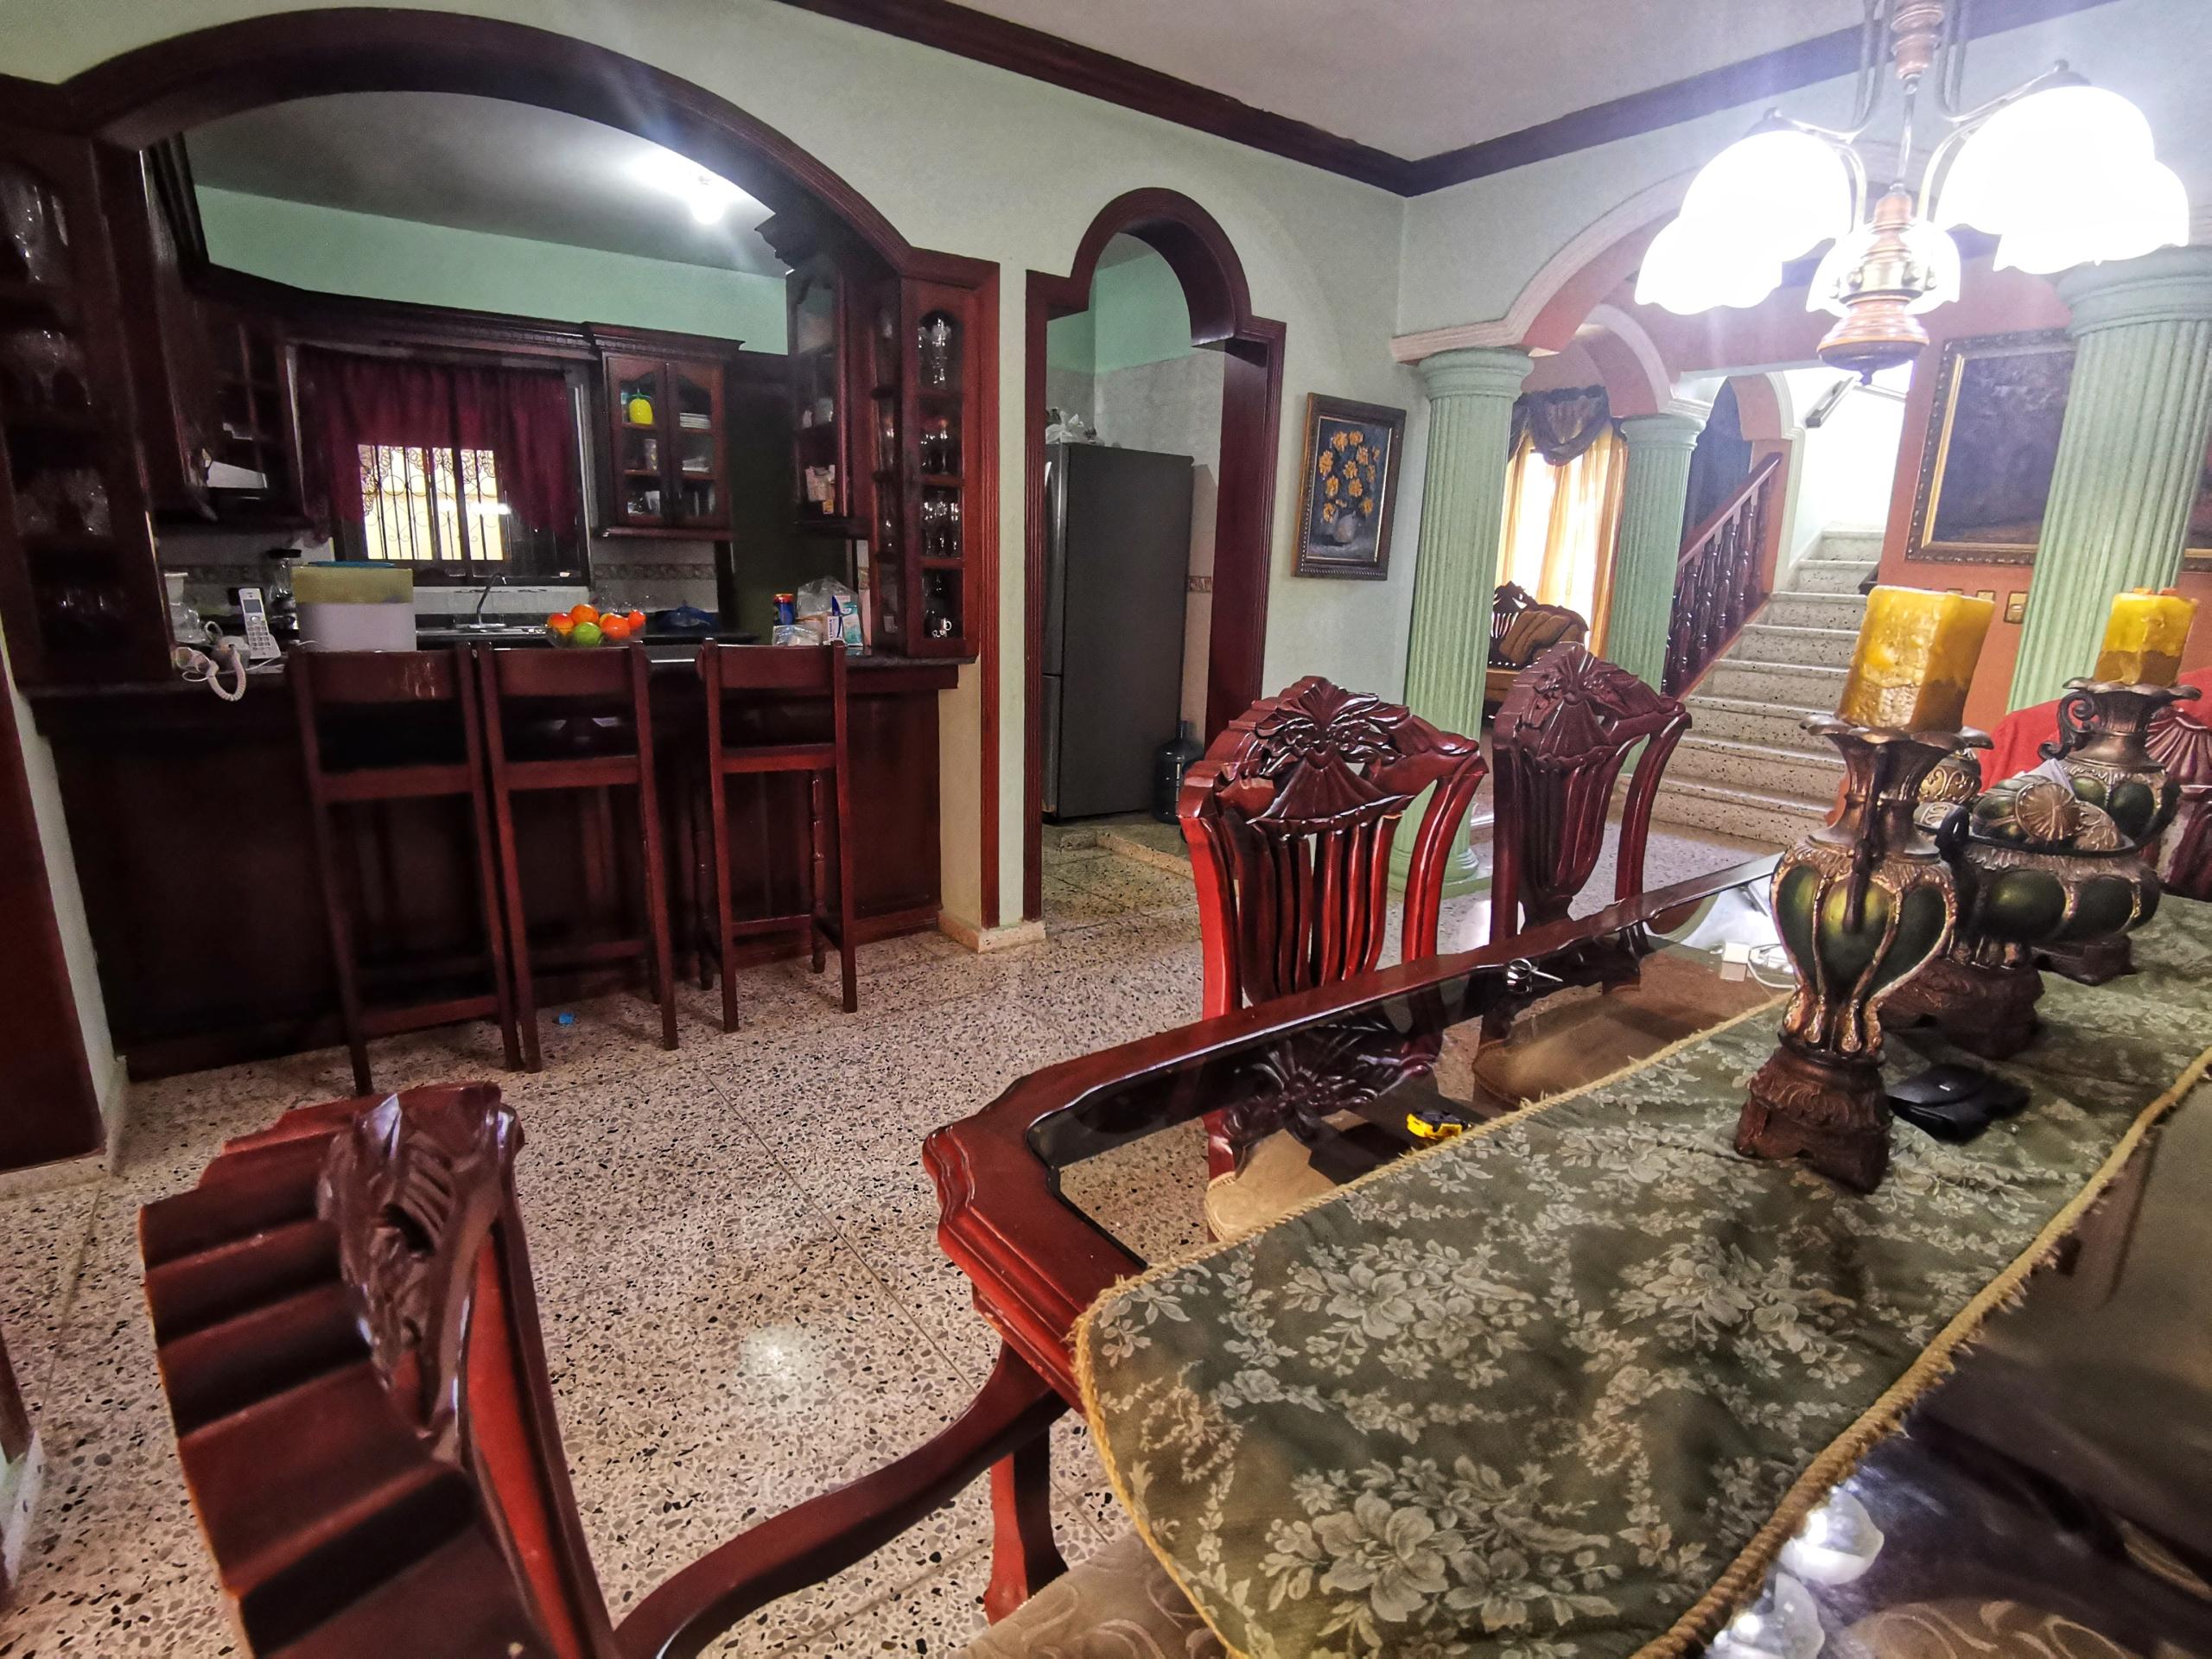 casa-home-house-lobos-realtors-rd-dominican-republic-santo-domingo (6)